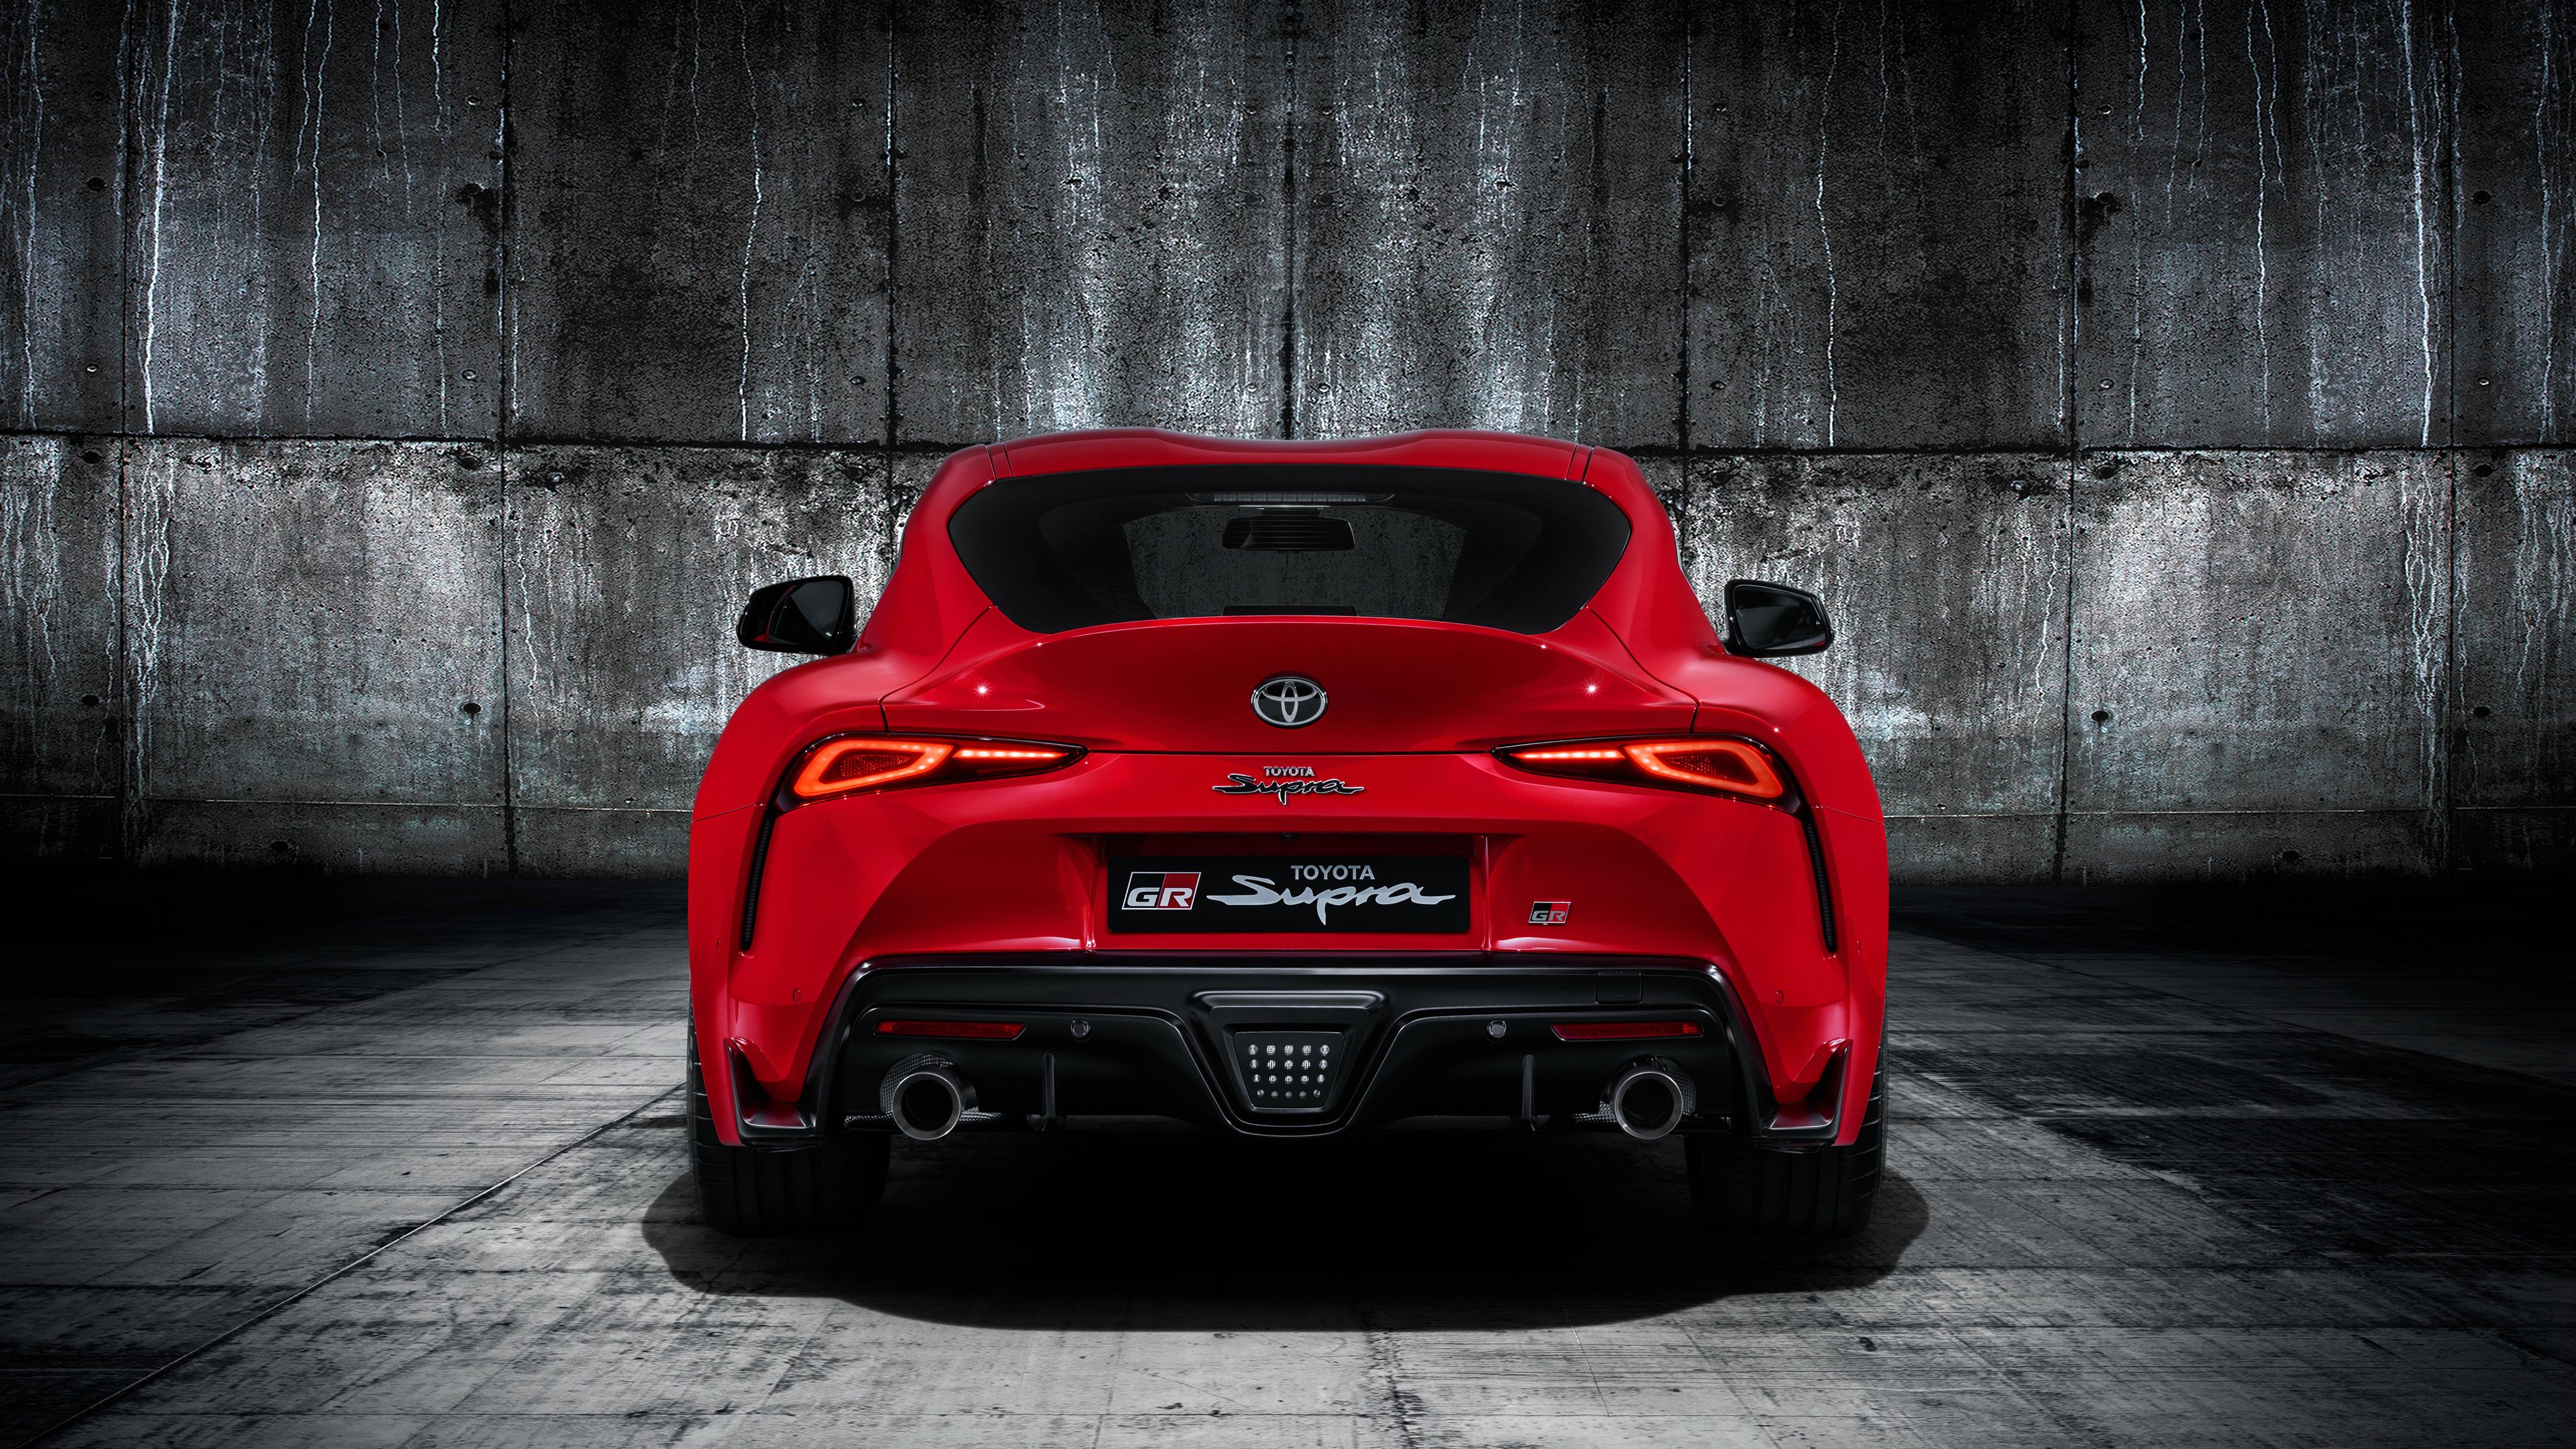 Toyota GR Supra 2019 4K 3 Wallpaper   HD Car Wallpapers ...